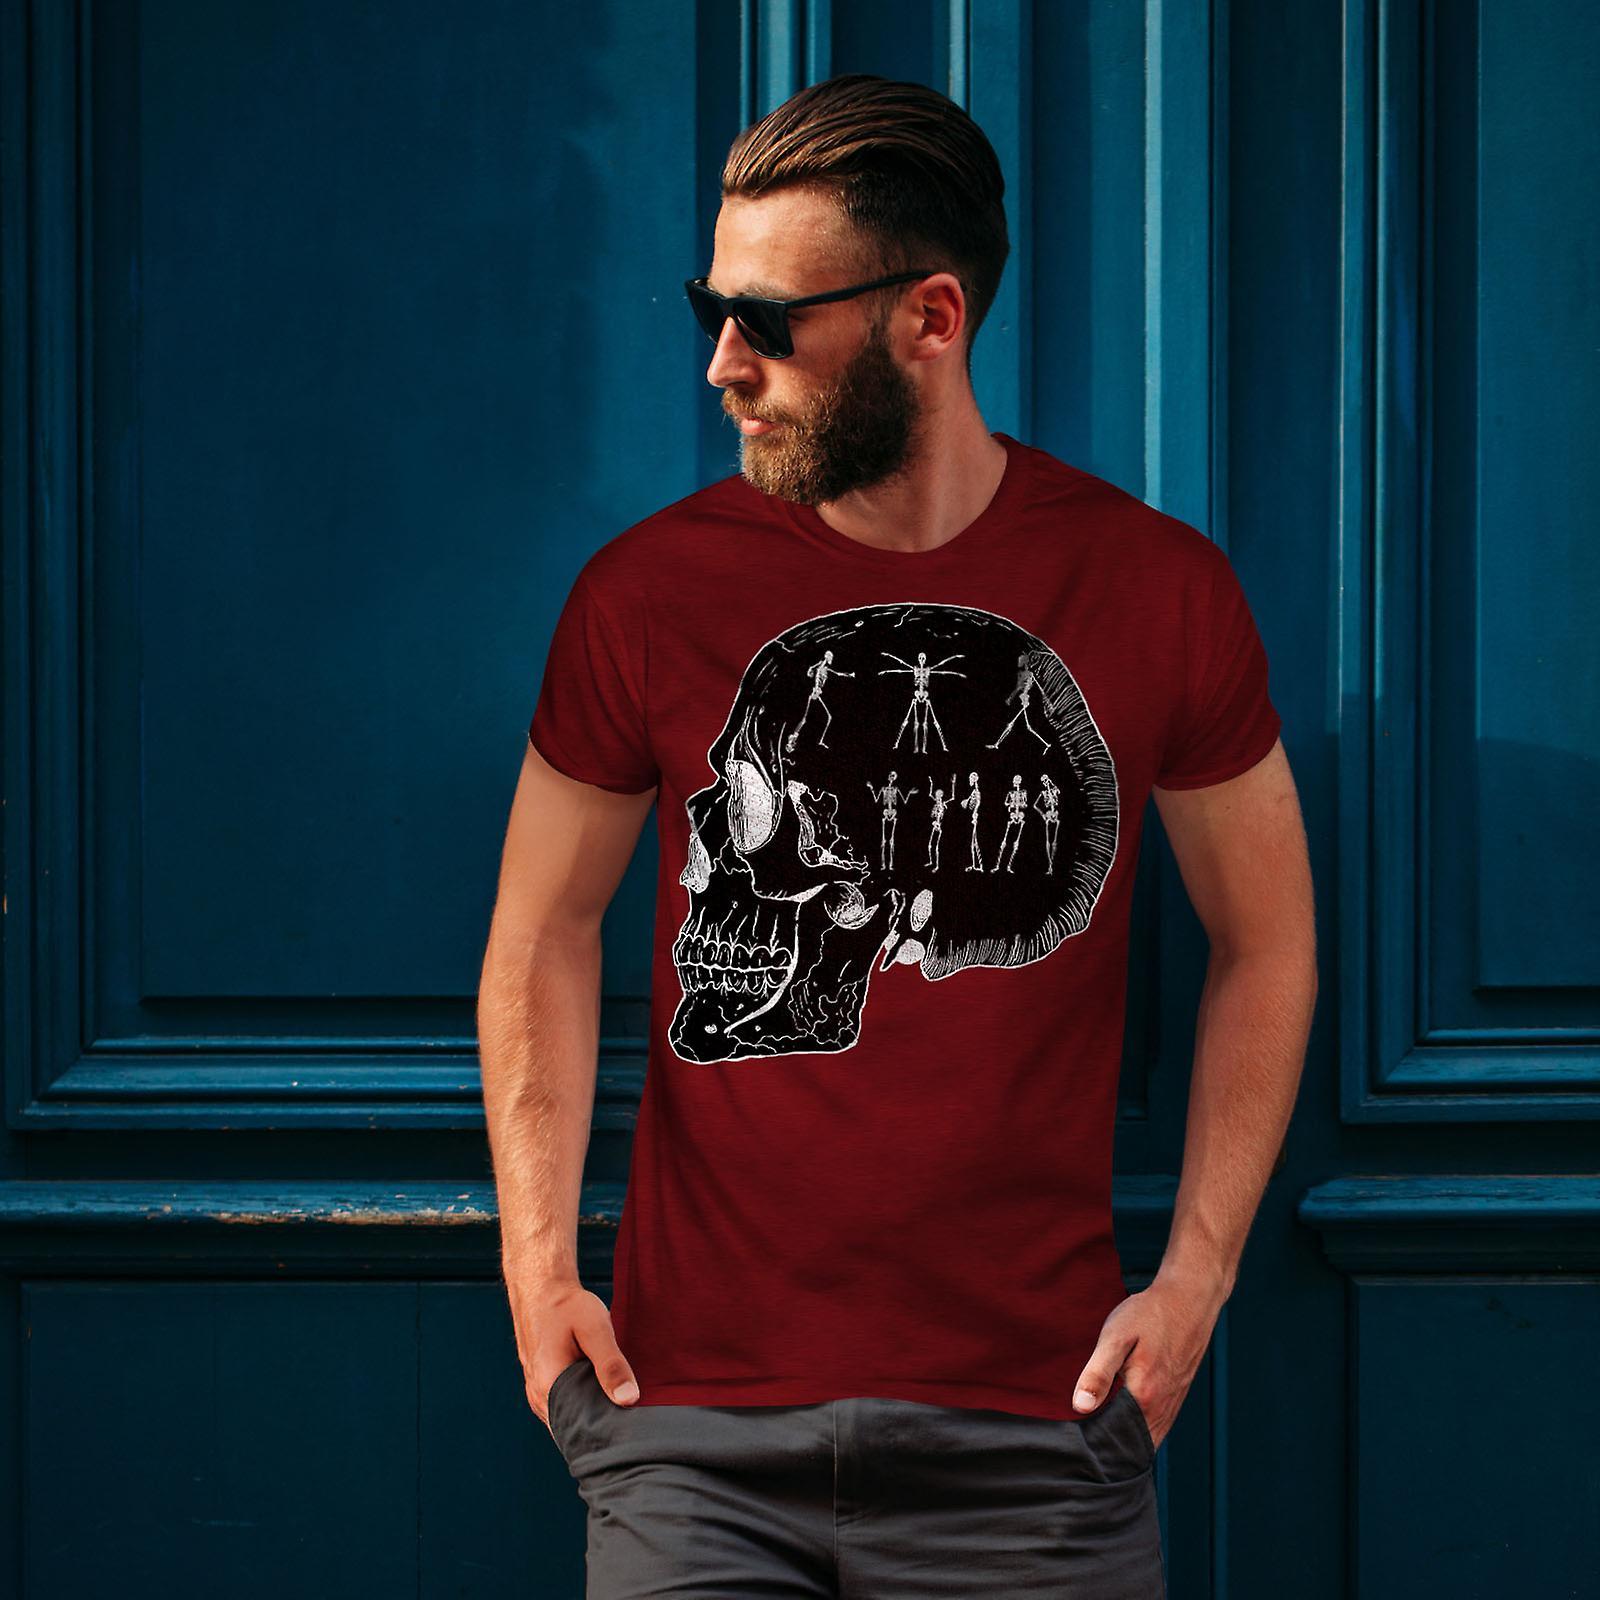 6210a497d110c2 Skelett coole Männer RedT-Shirt-Party